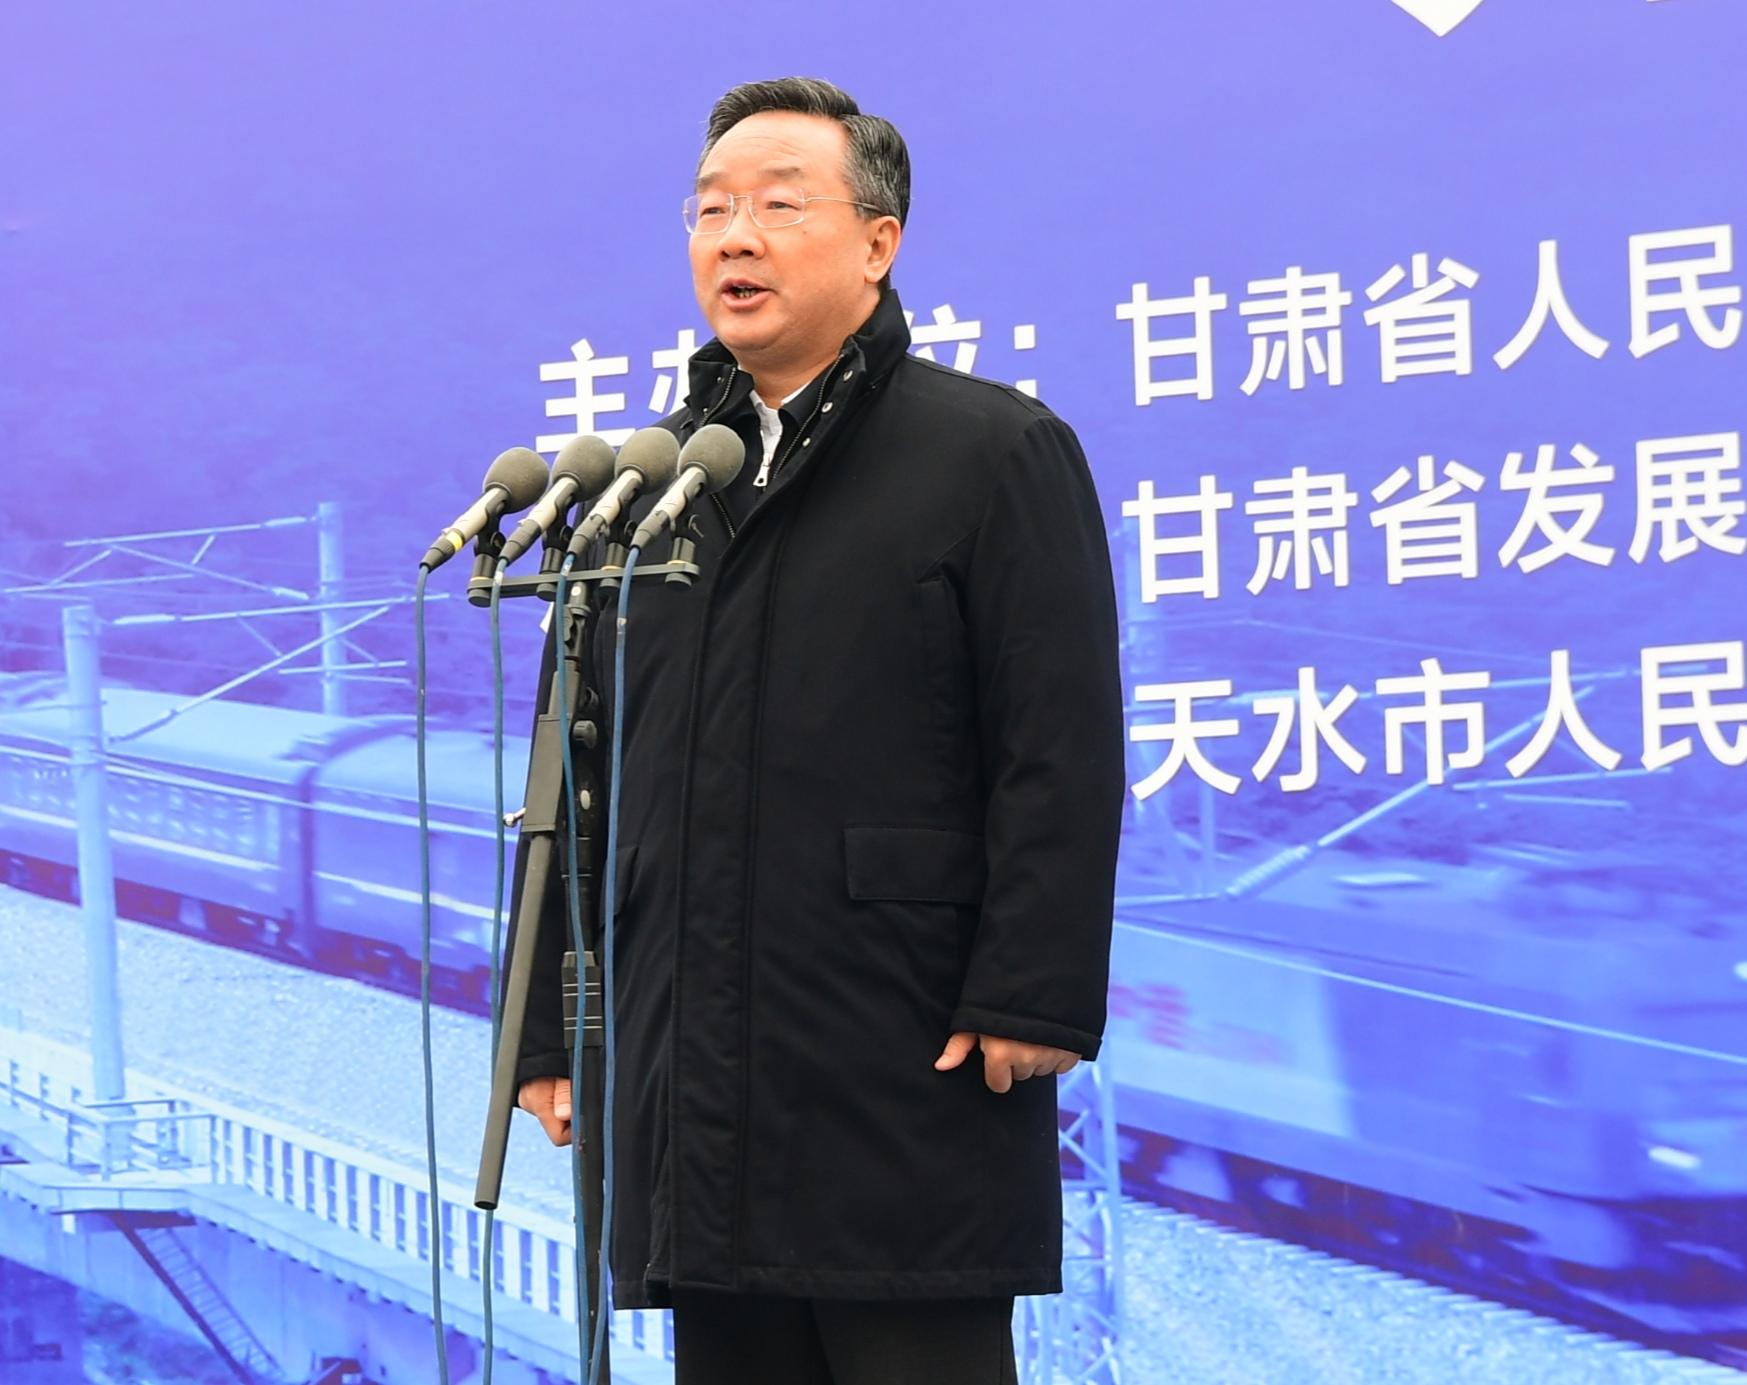 唐仁健宣布新建天水至陇南铁路暨陈家沟煤矿专用线正式开工图片